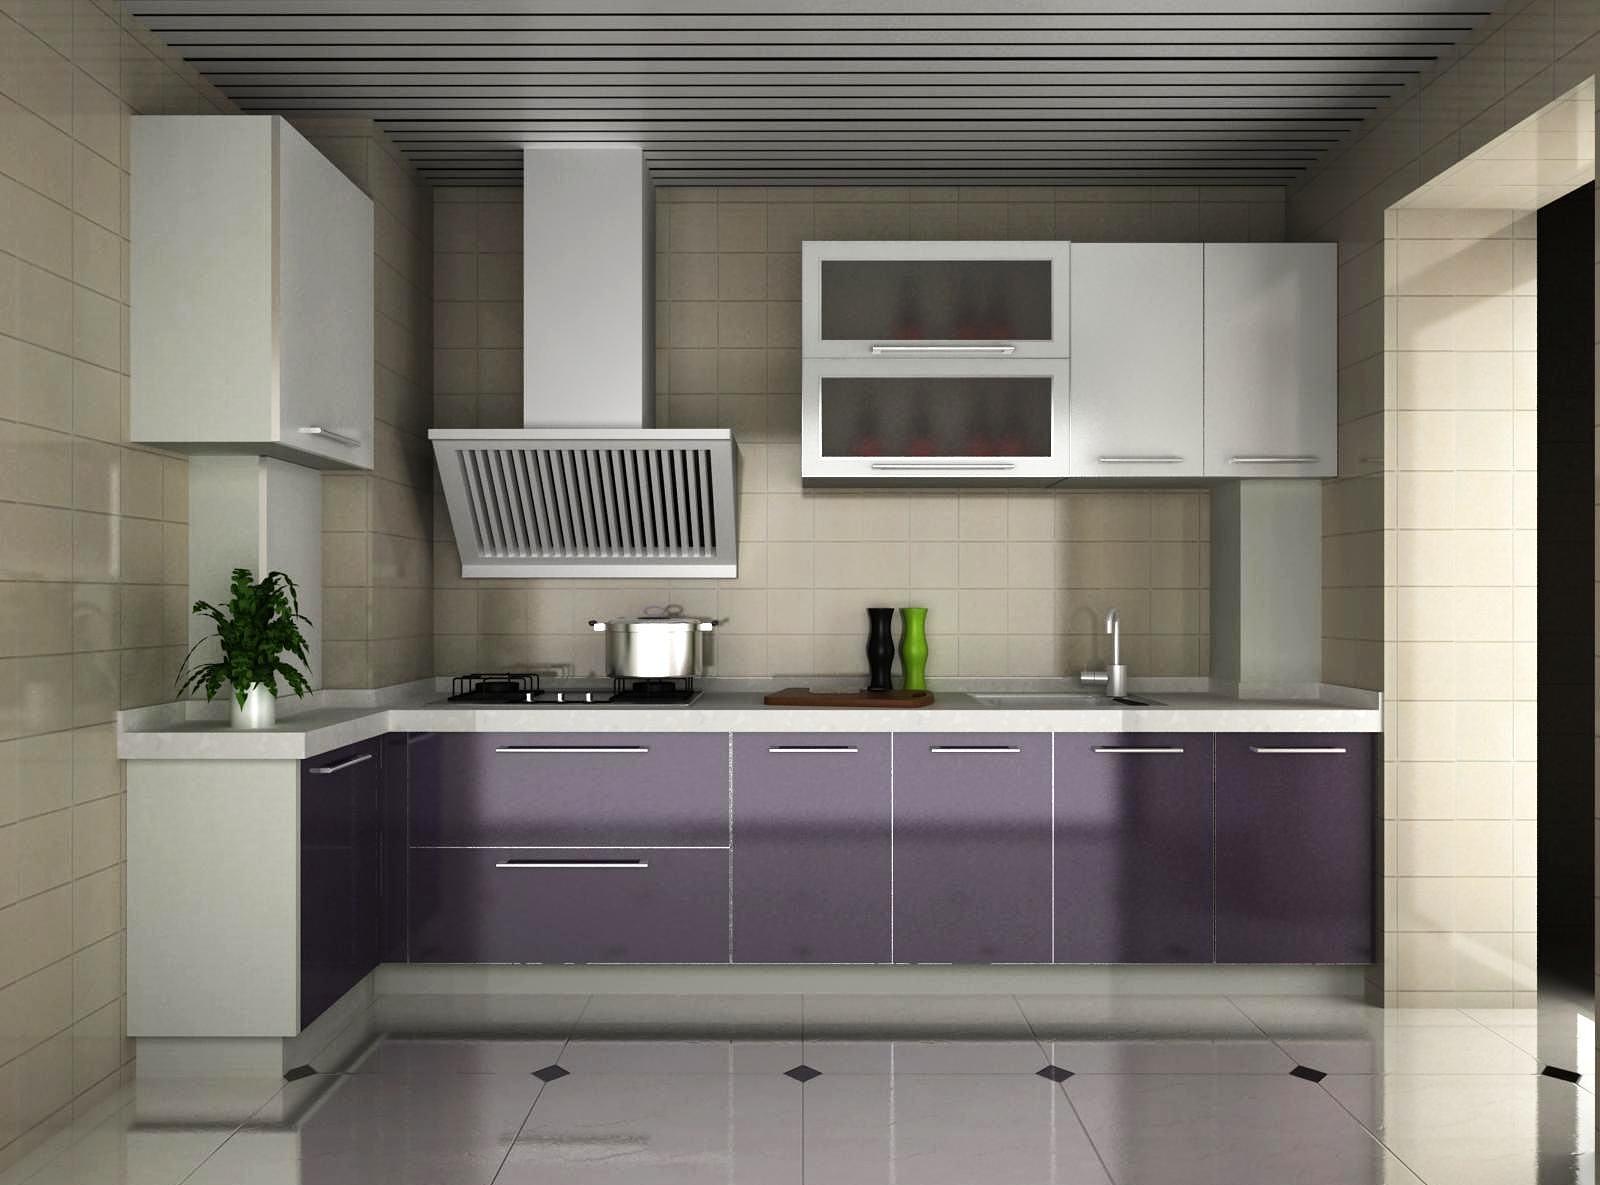 整体厨房装修价格 整体厨房装修4大注意事项